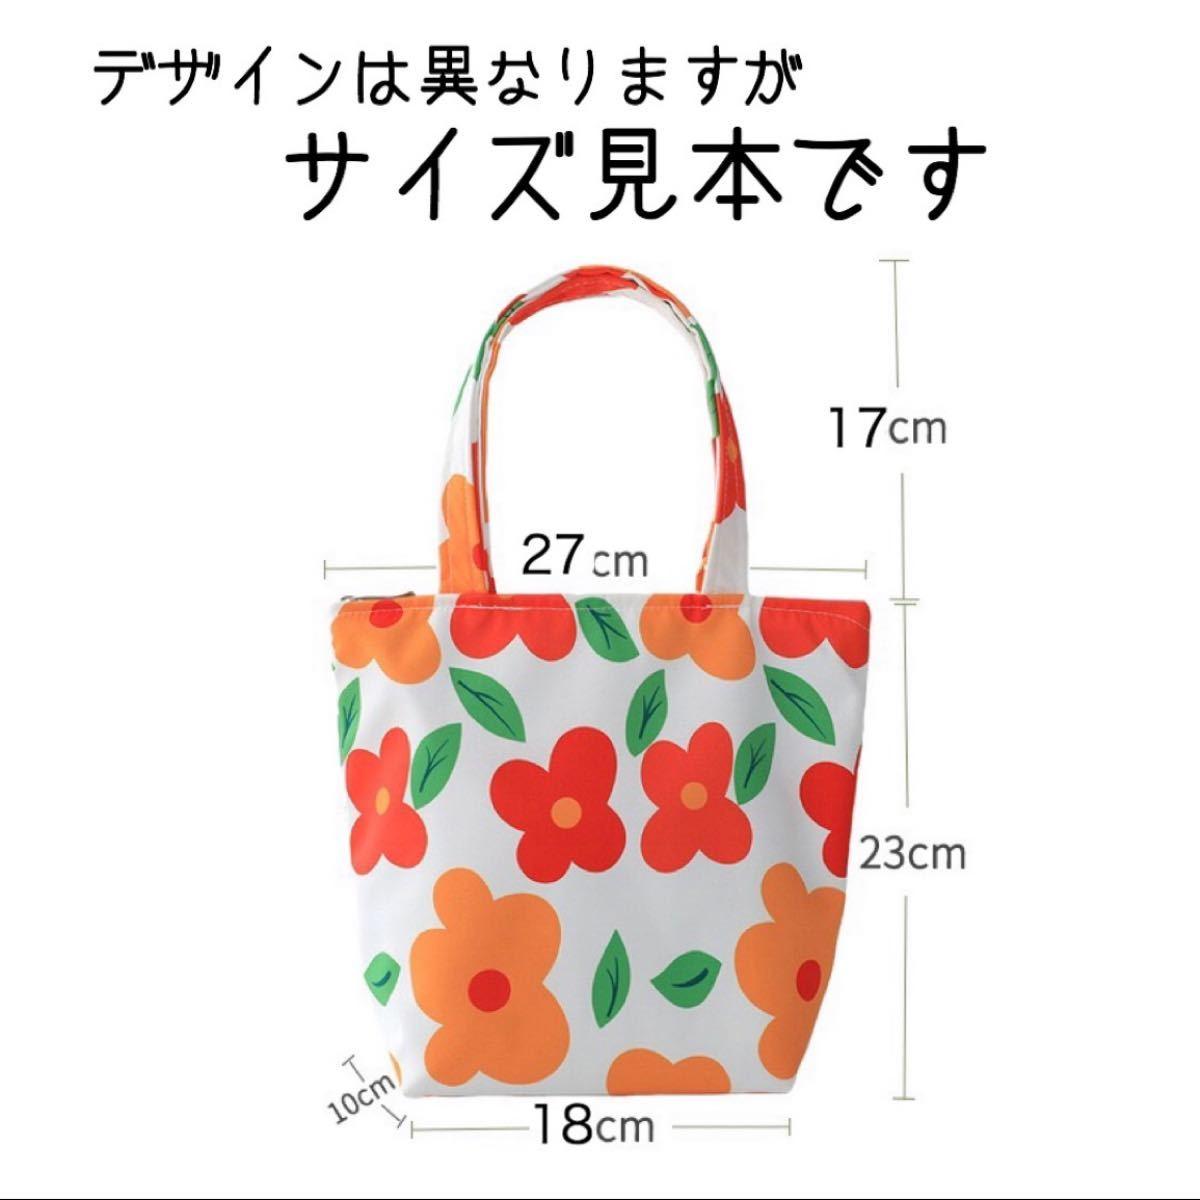 ミニトートバッグ 2枚セット 花柄 カラフルエコバッグ マリメッコ好きにおすすめ